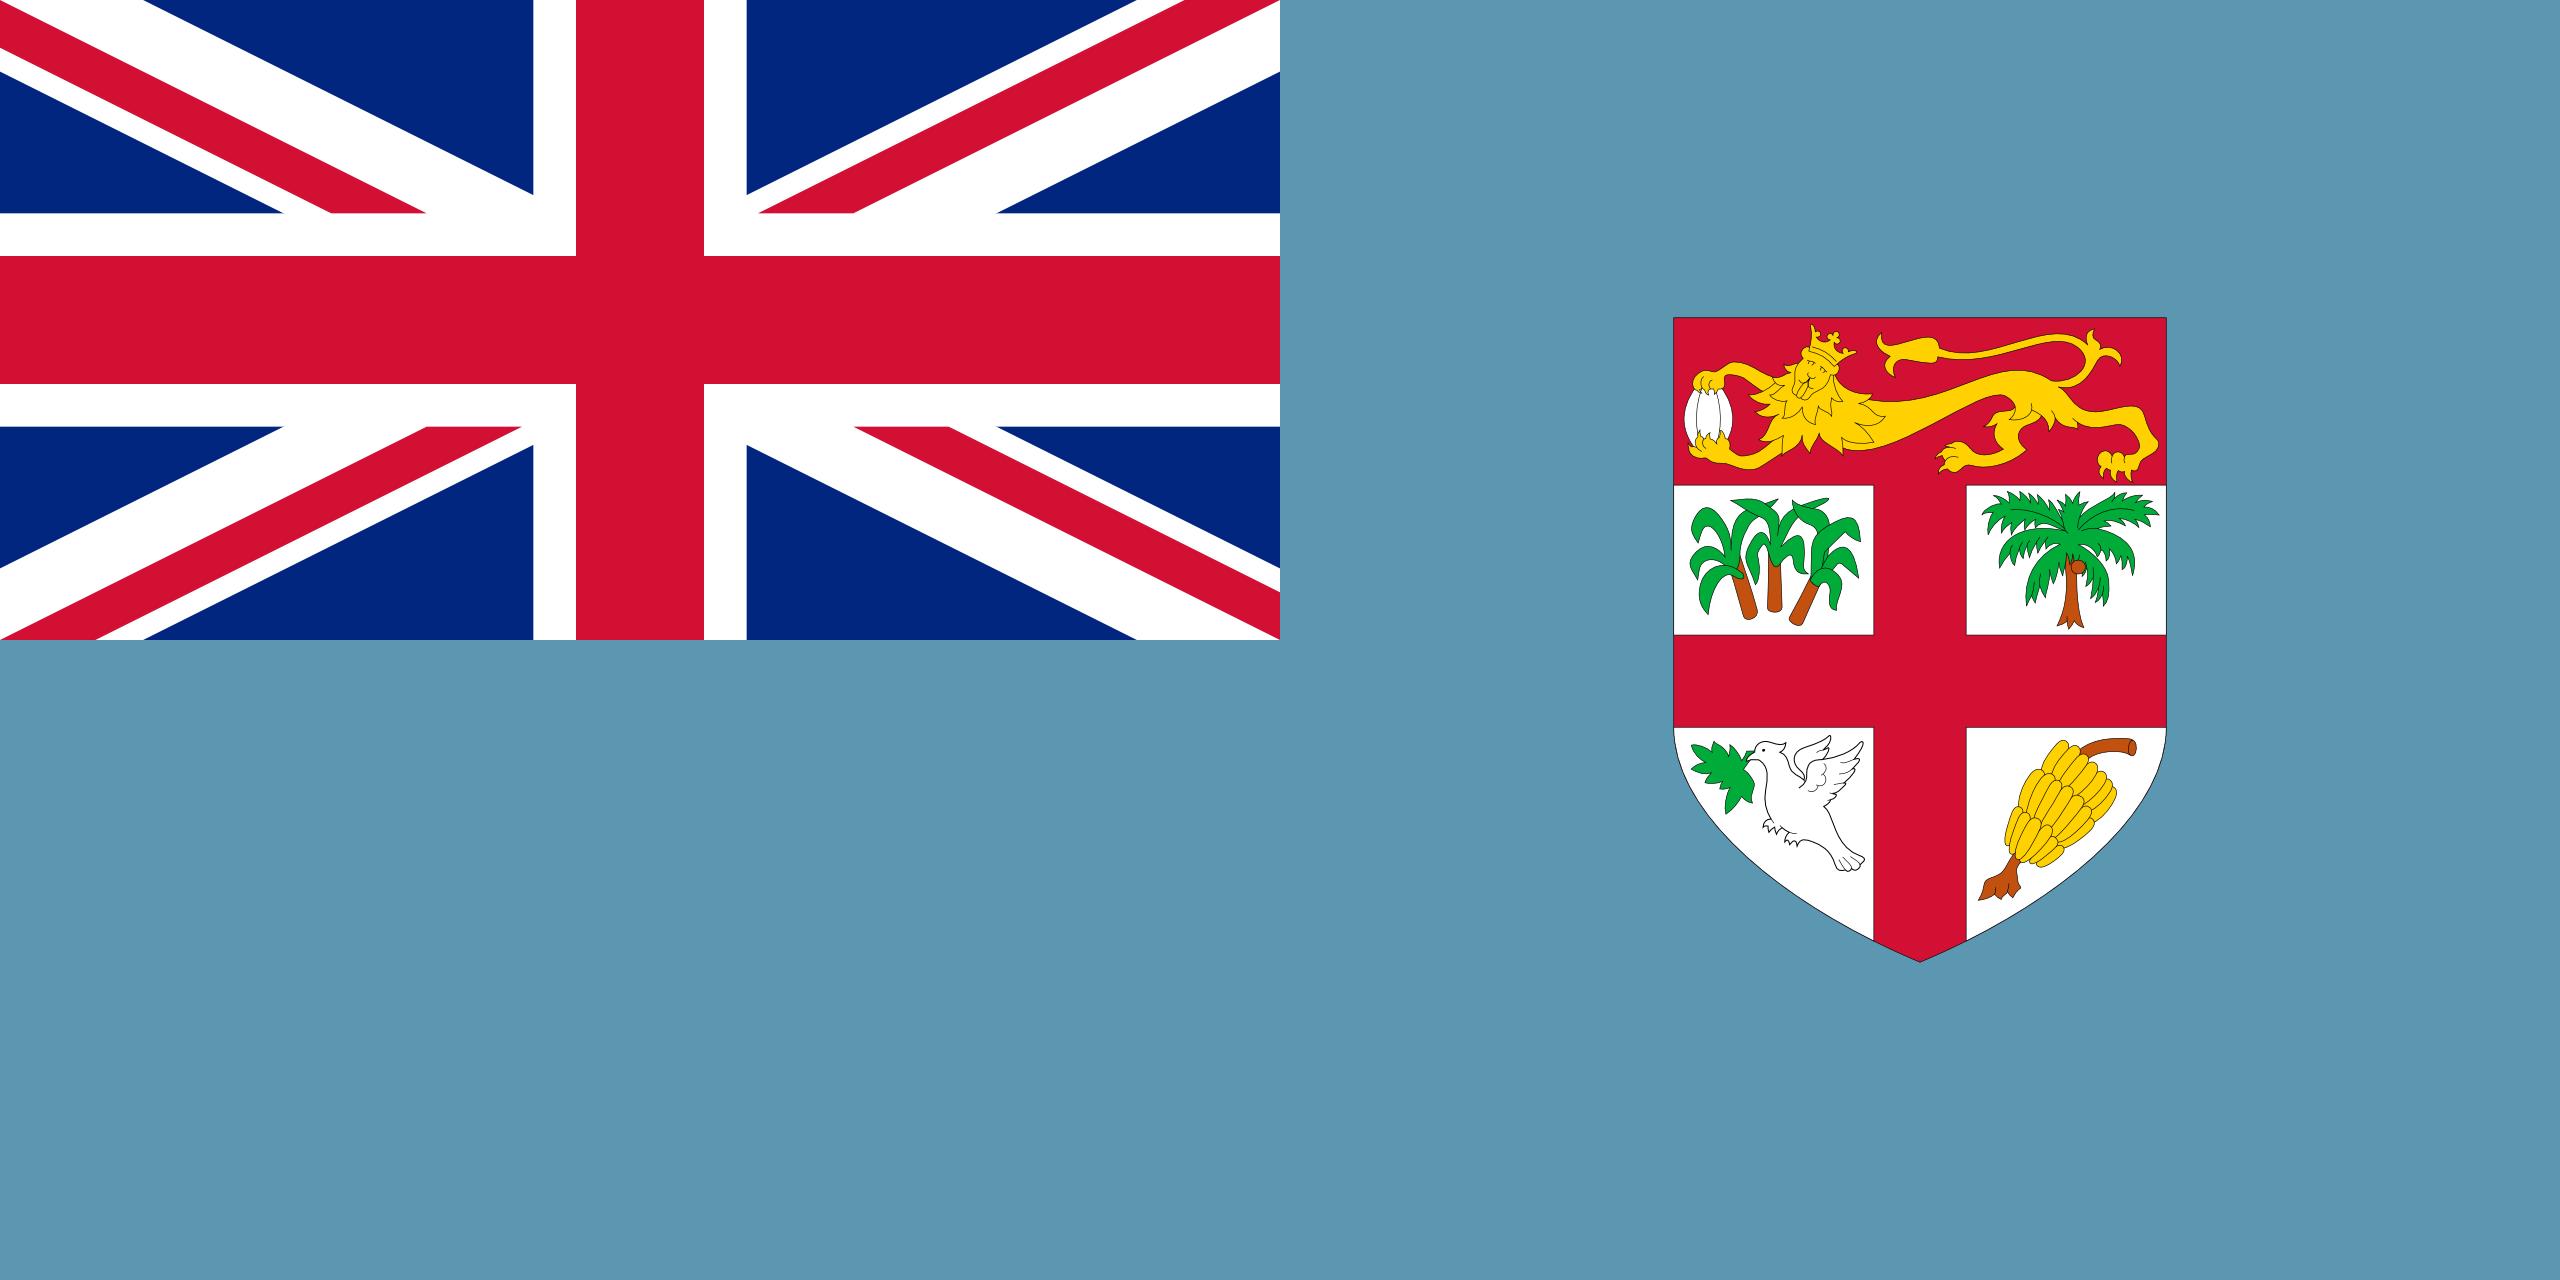 fiyi, χώρα, έμβλημα, λογότυπο, σύμβολο - Wallpapers HD - Professor-falken.com